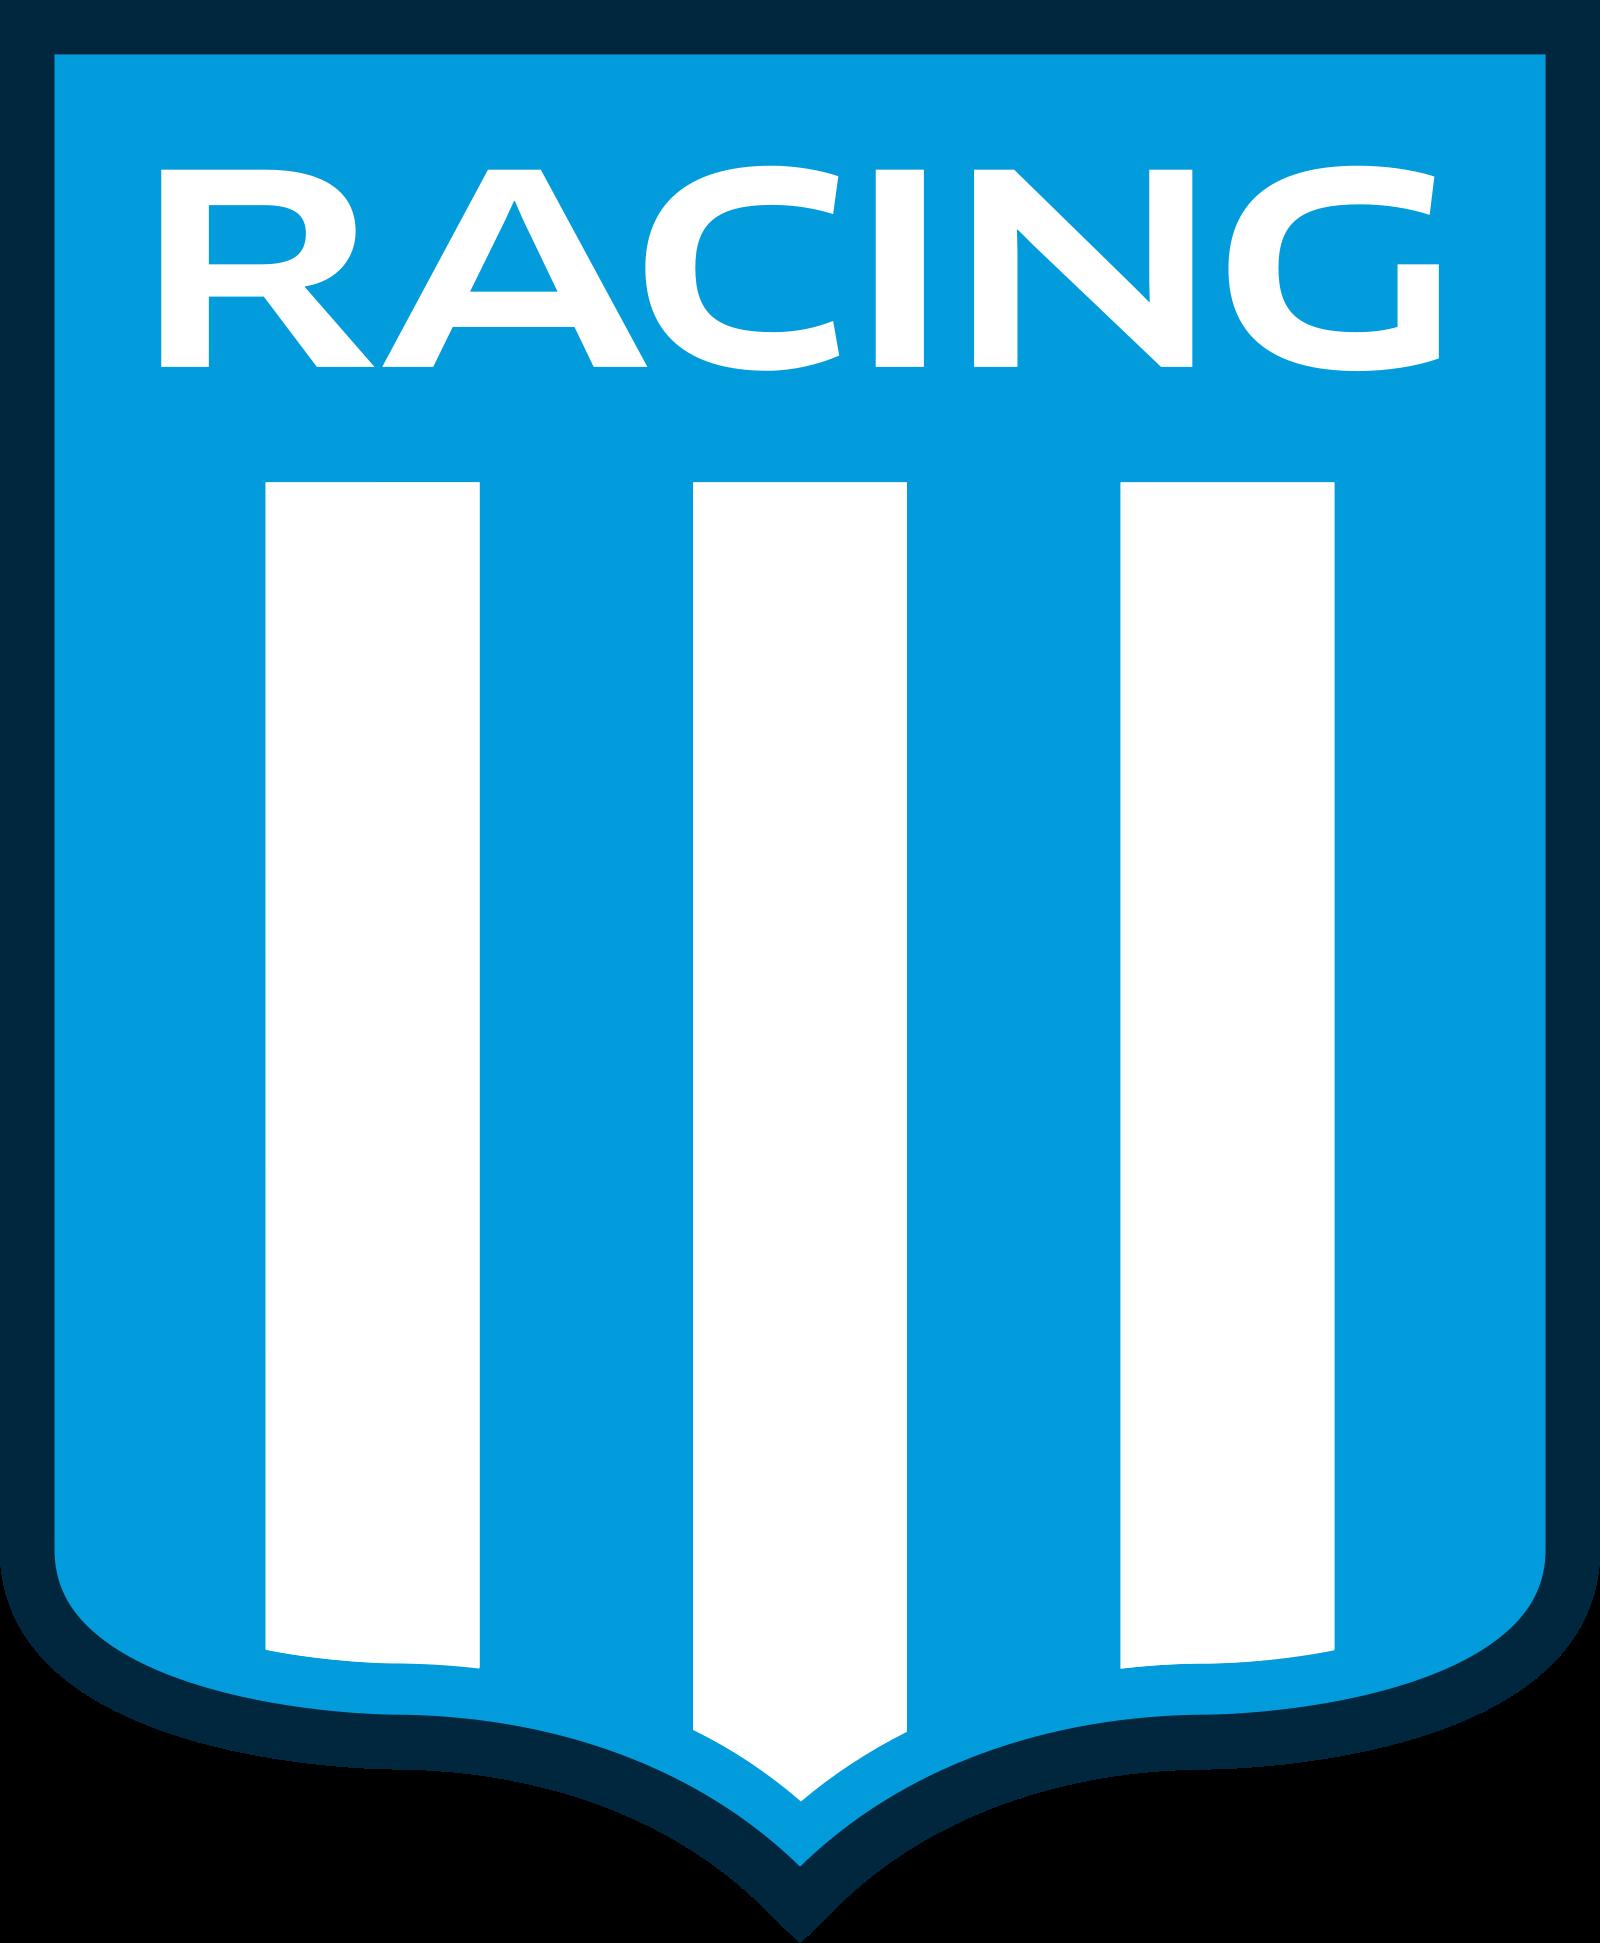 racing-logo-escudo-2